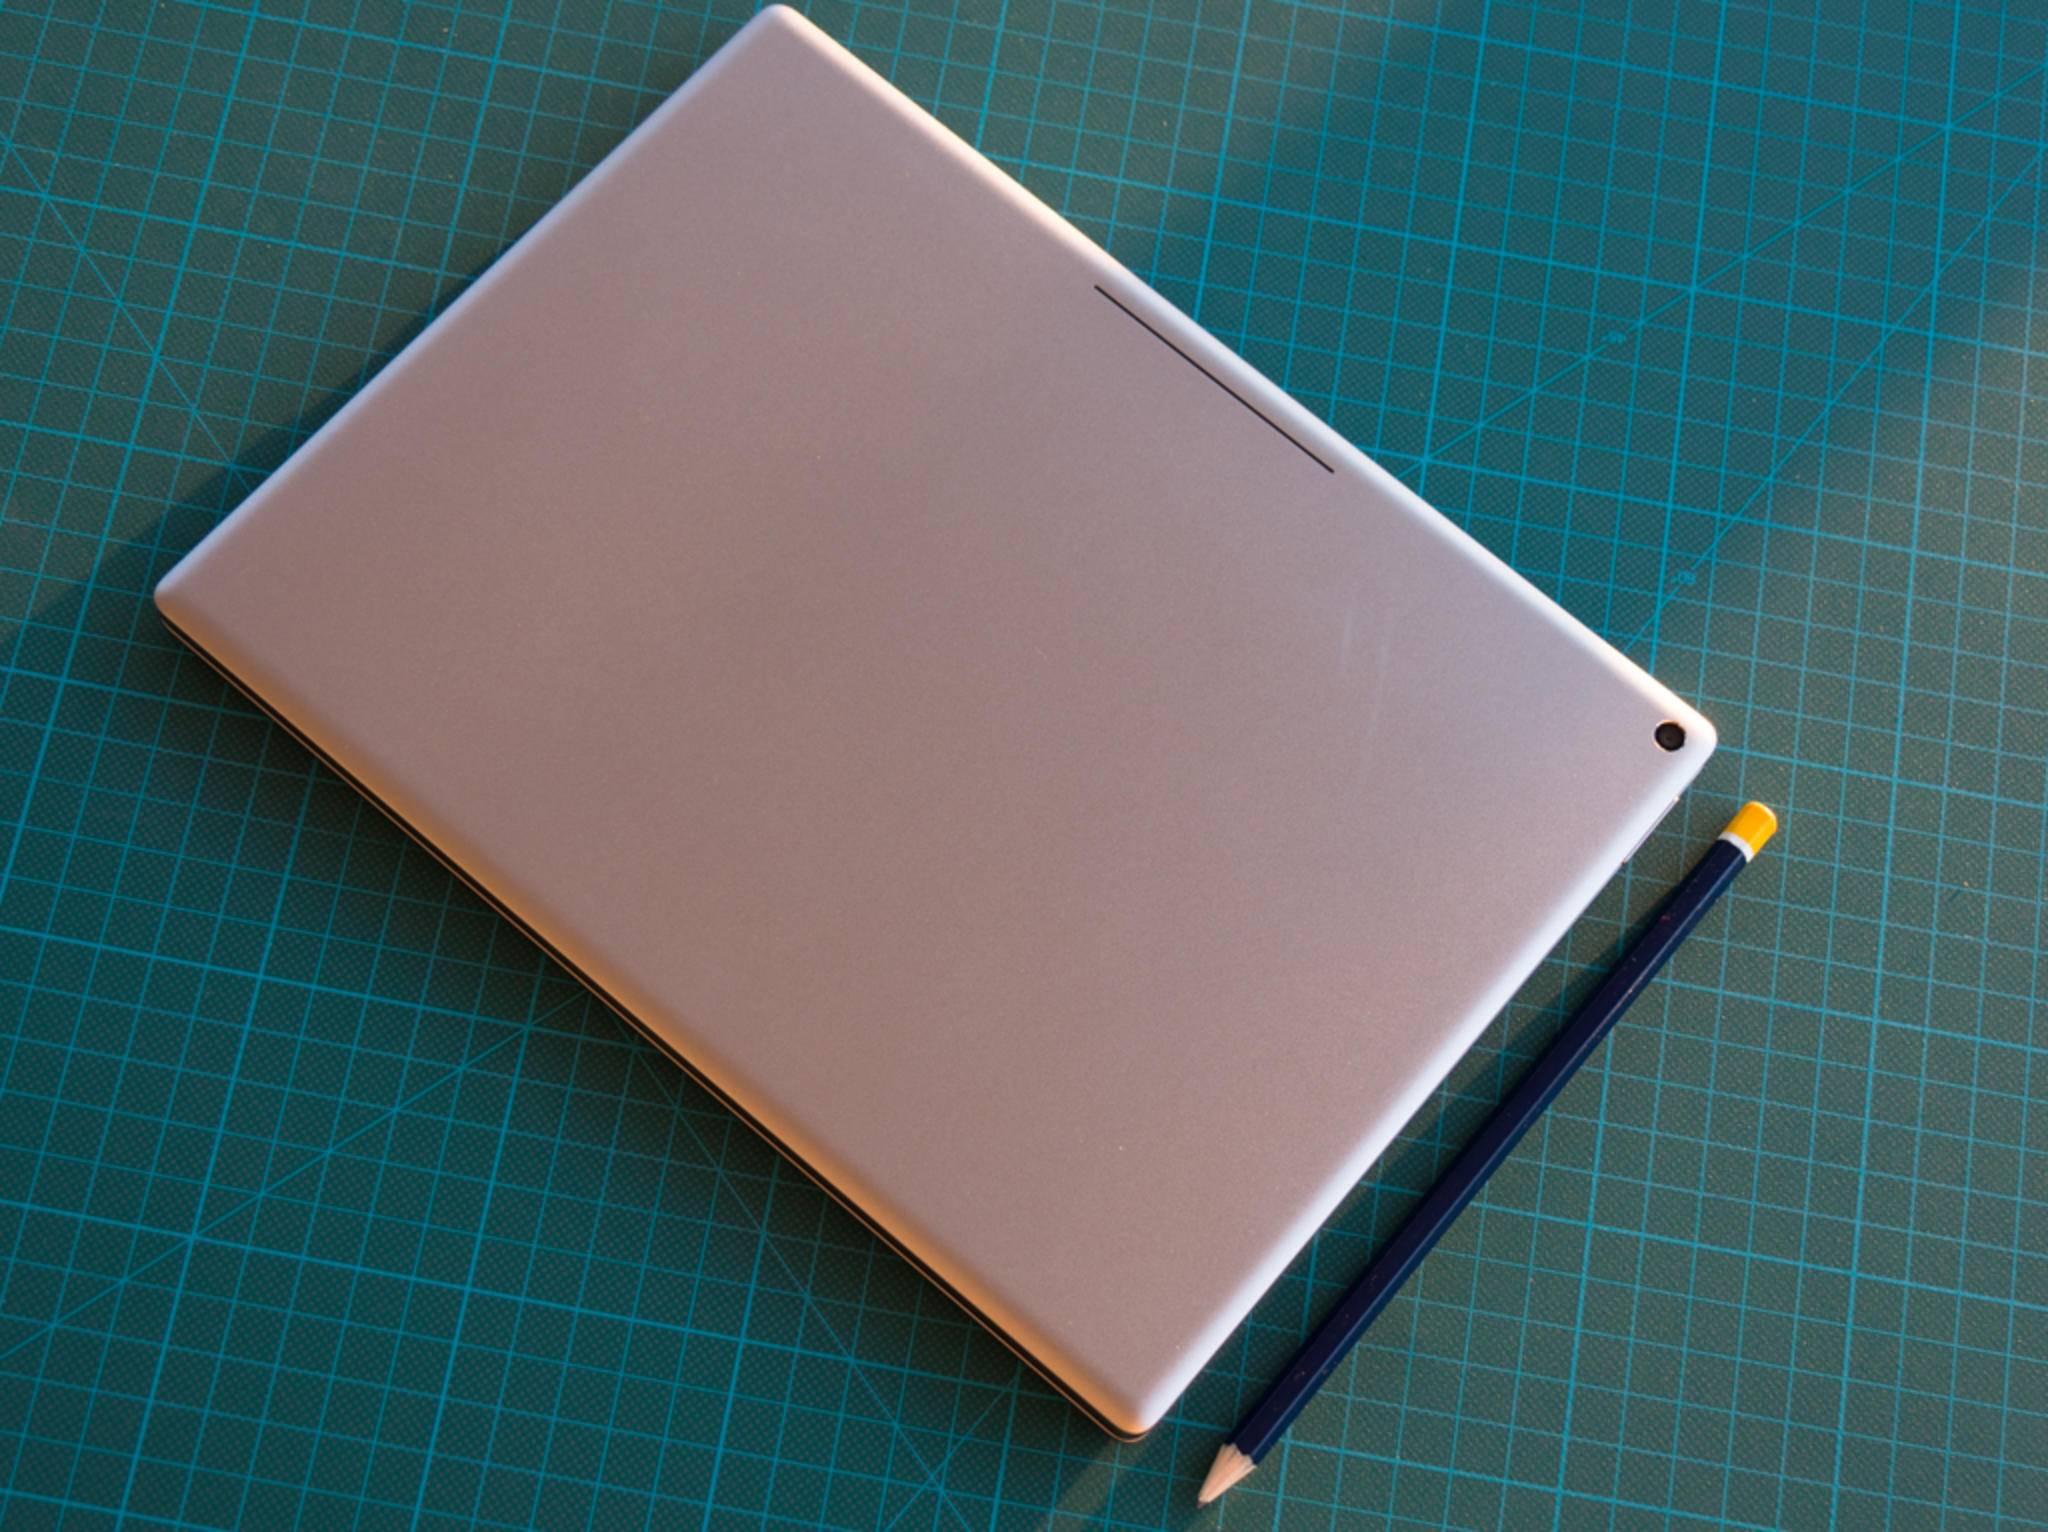 Wenndie Tastatur wie eine Schutzhülle amPixel C sitzt, wird der Akku geladen.